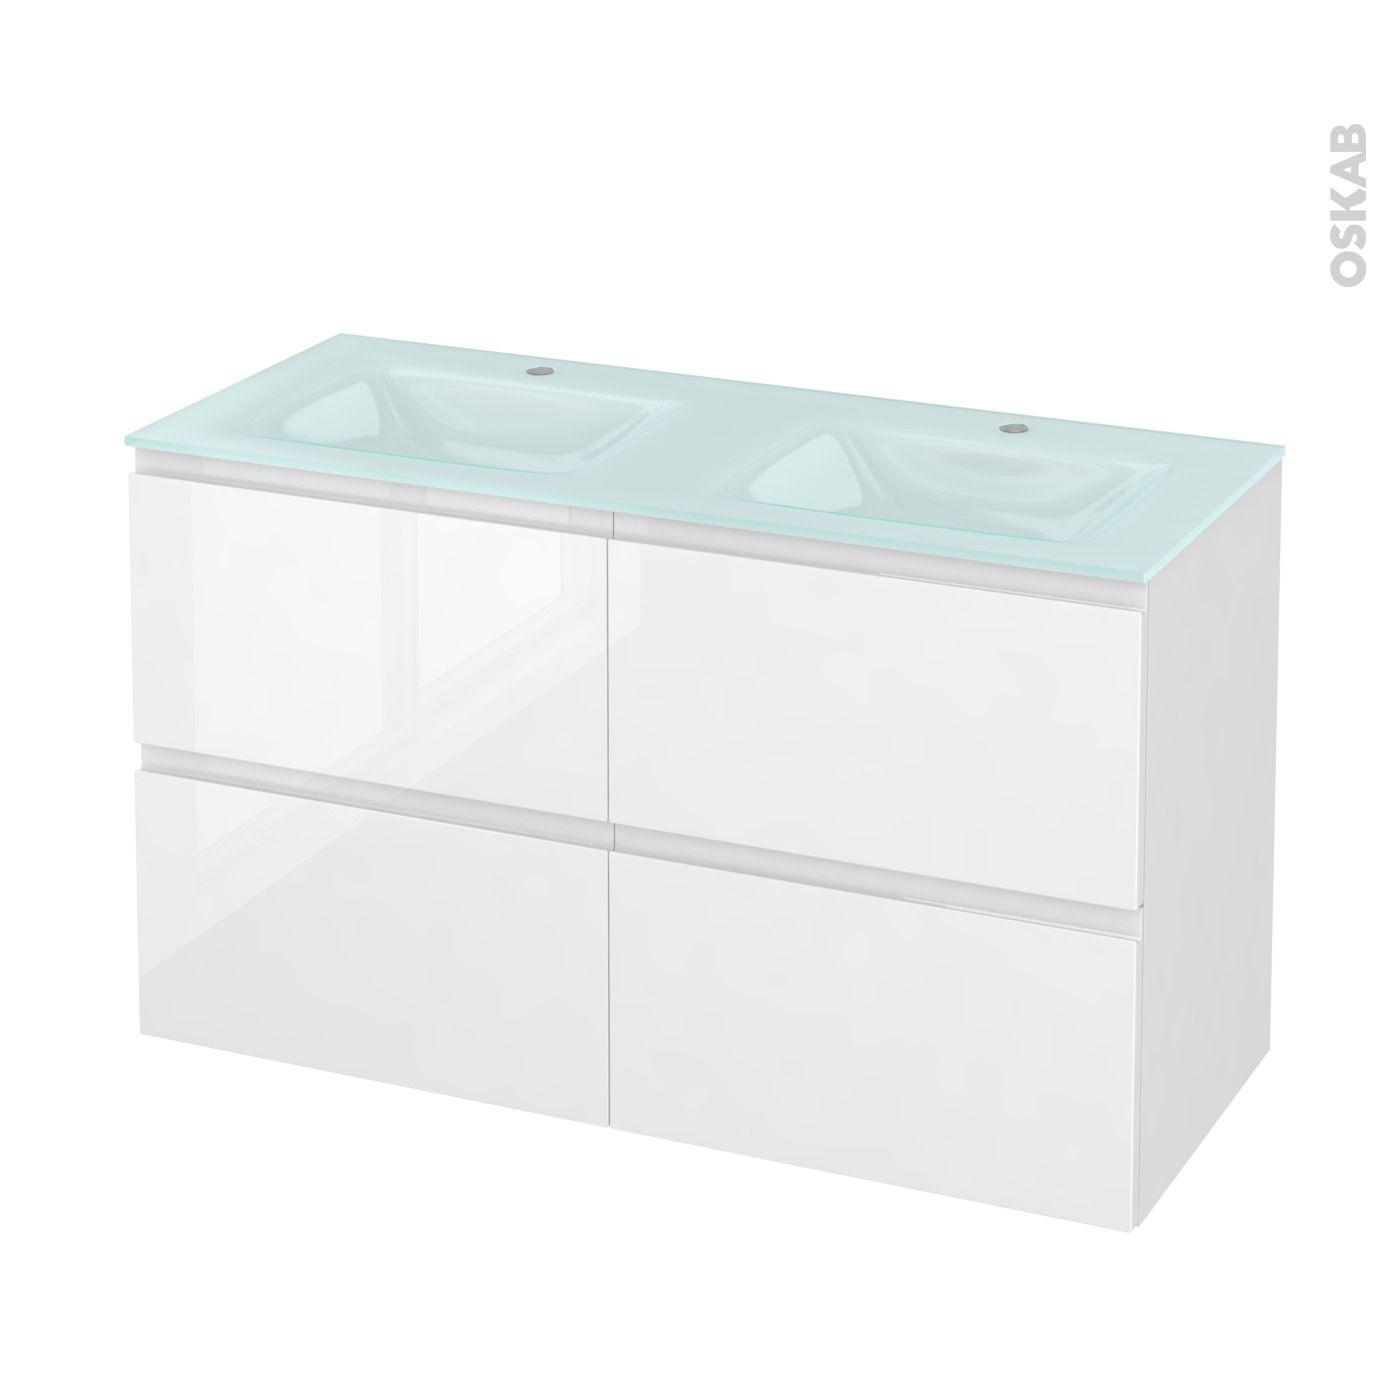 Salle de bains blanche design chic IPOMA Blanc brillant